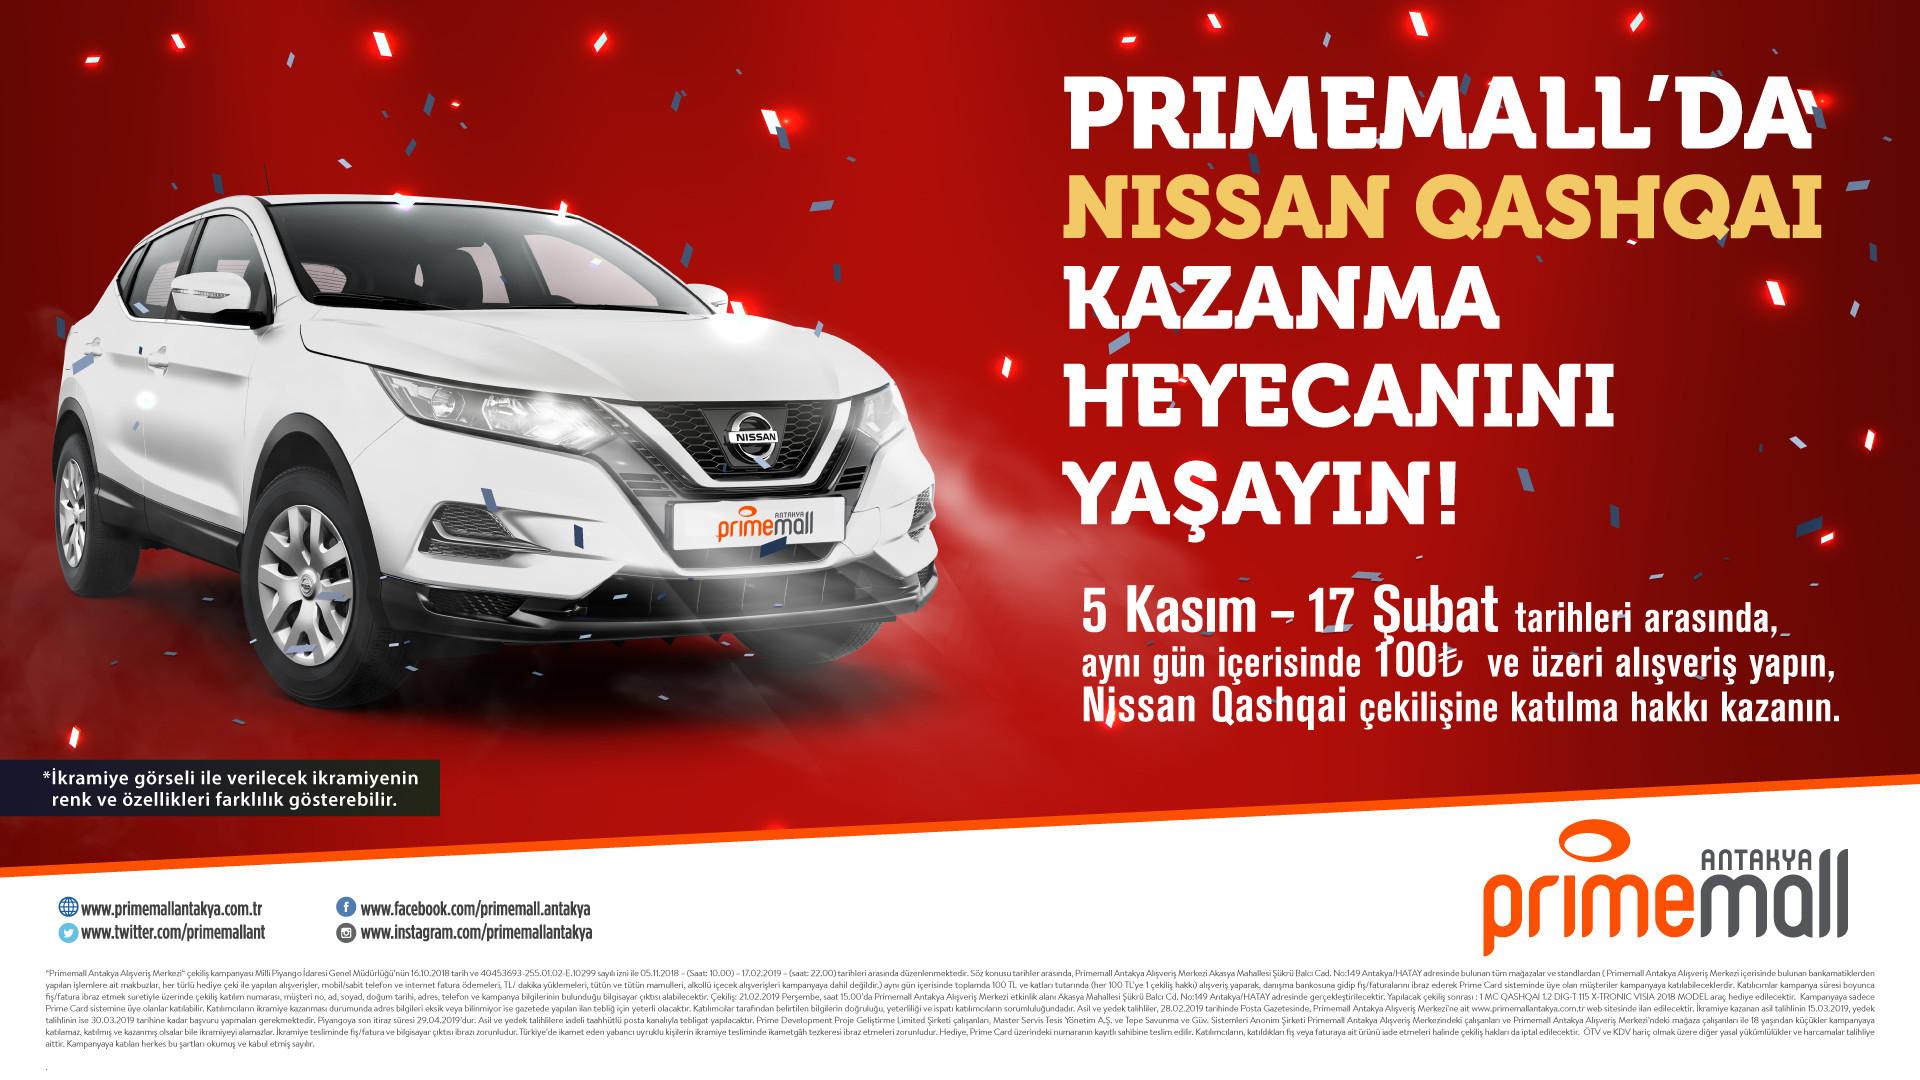 Primemall'da Nissan Qashqai Kazanma Heyecanını Yaşayın!